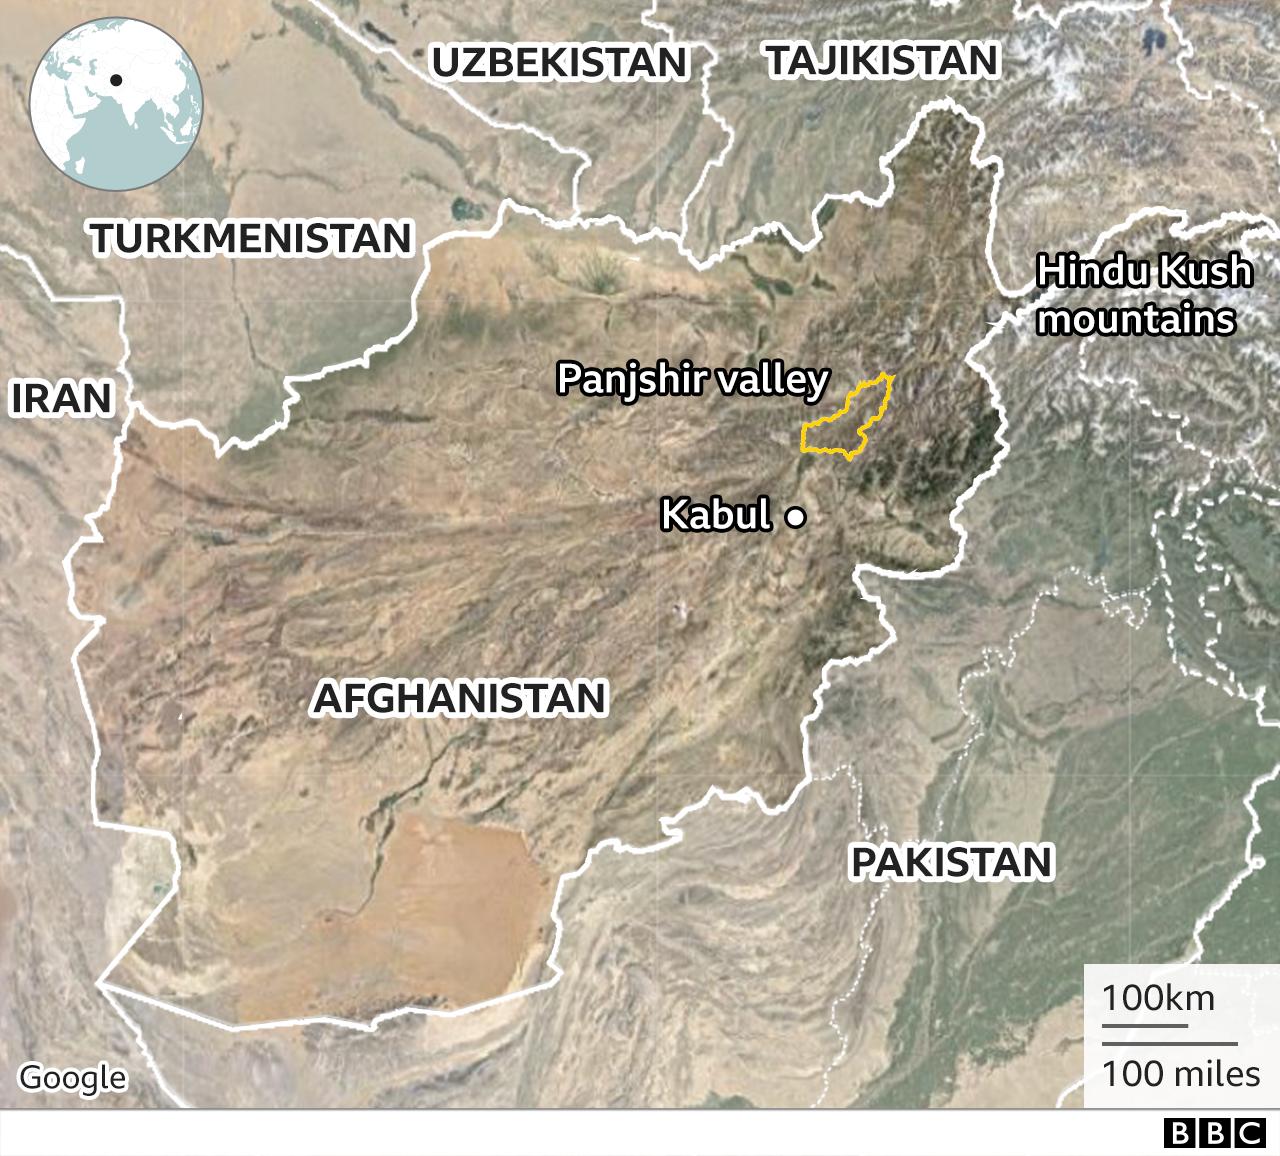 Map of Panjshir Valley in Afghanistan